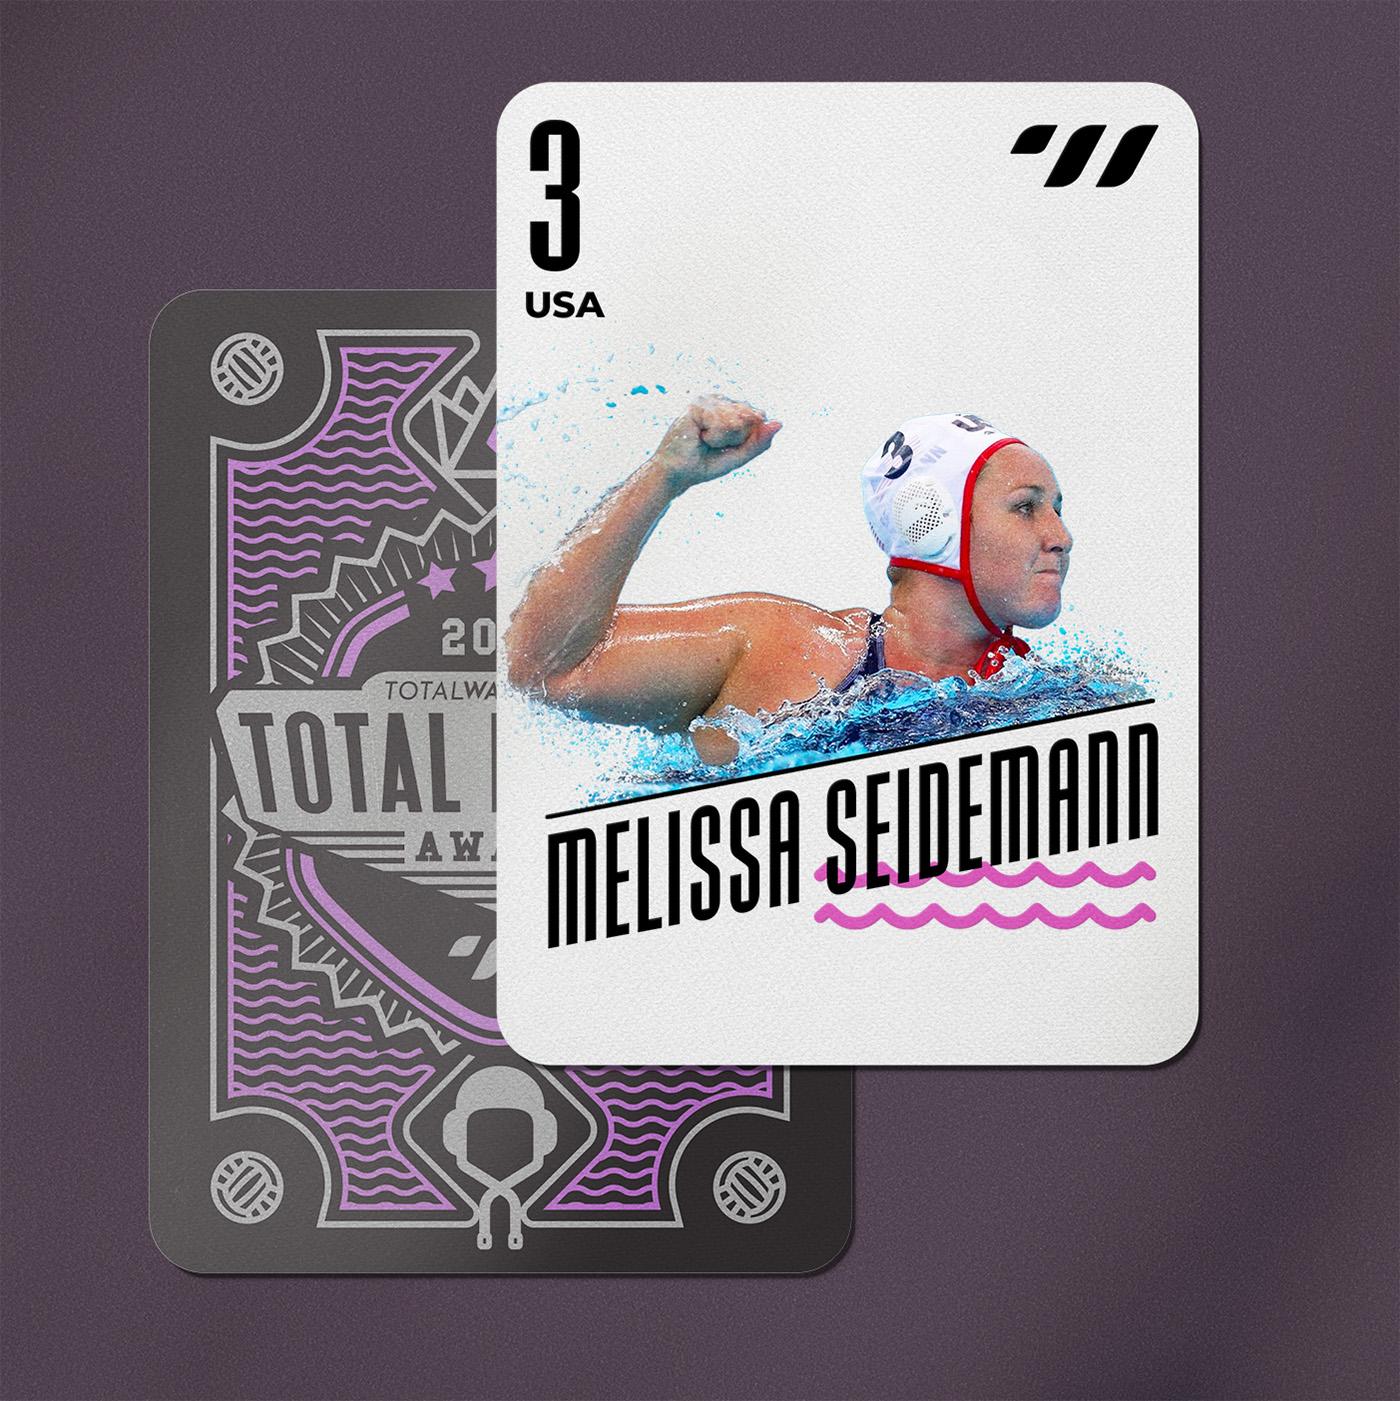 CENTER BACK - Melissa Seidemann (USA)